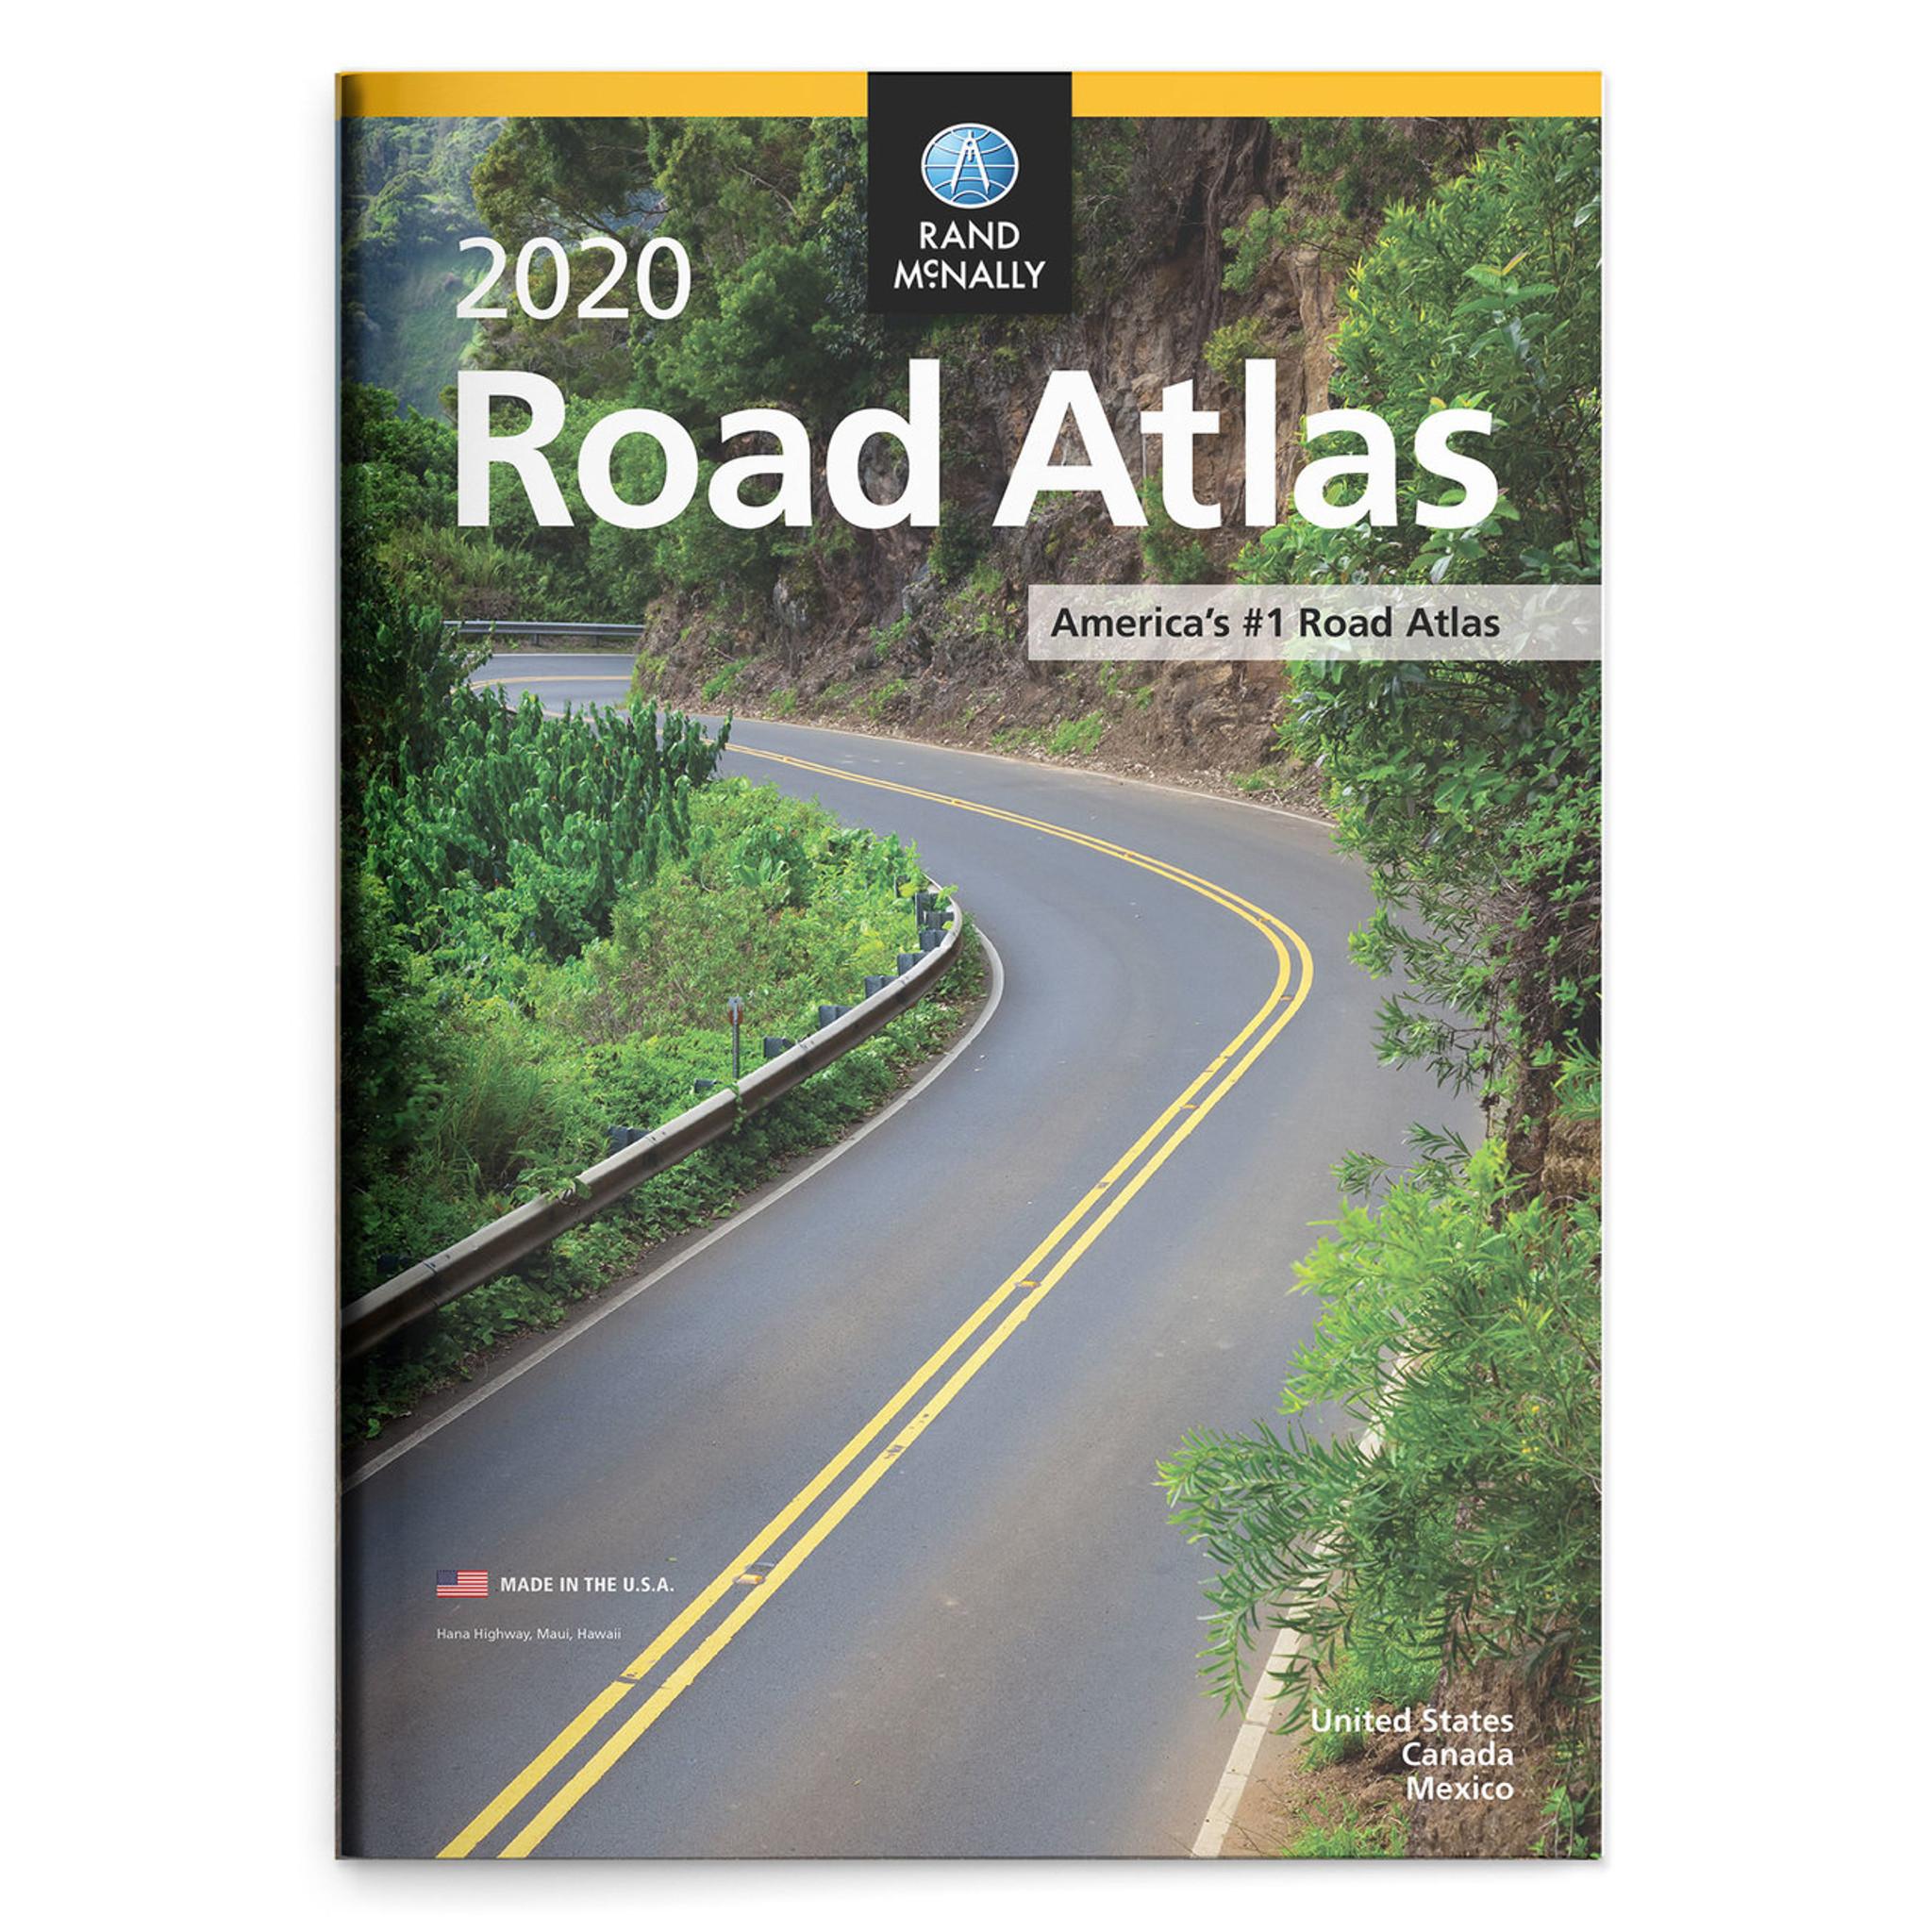 Rand McNally 2020 Road Atlas - Rand McNally Store